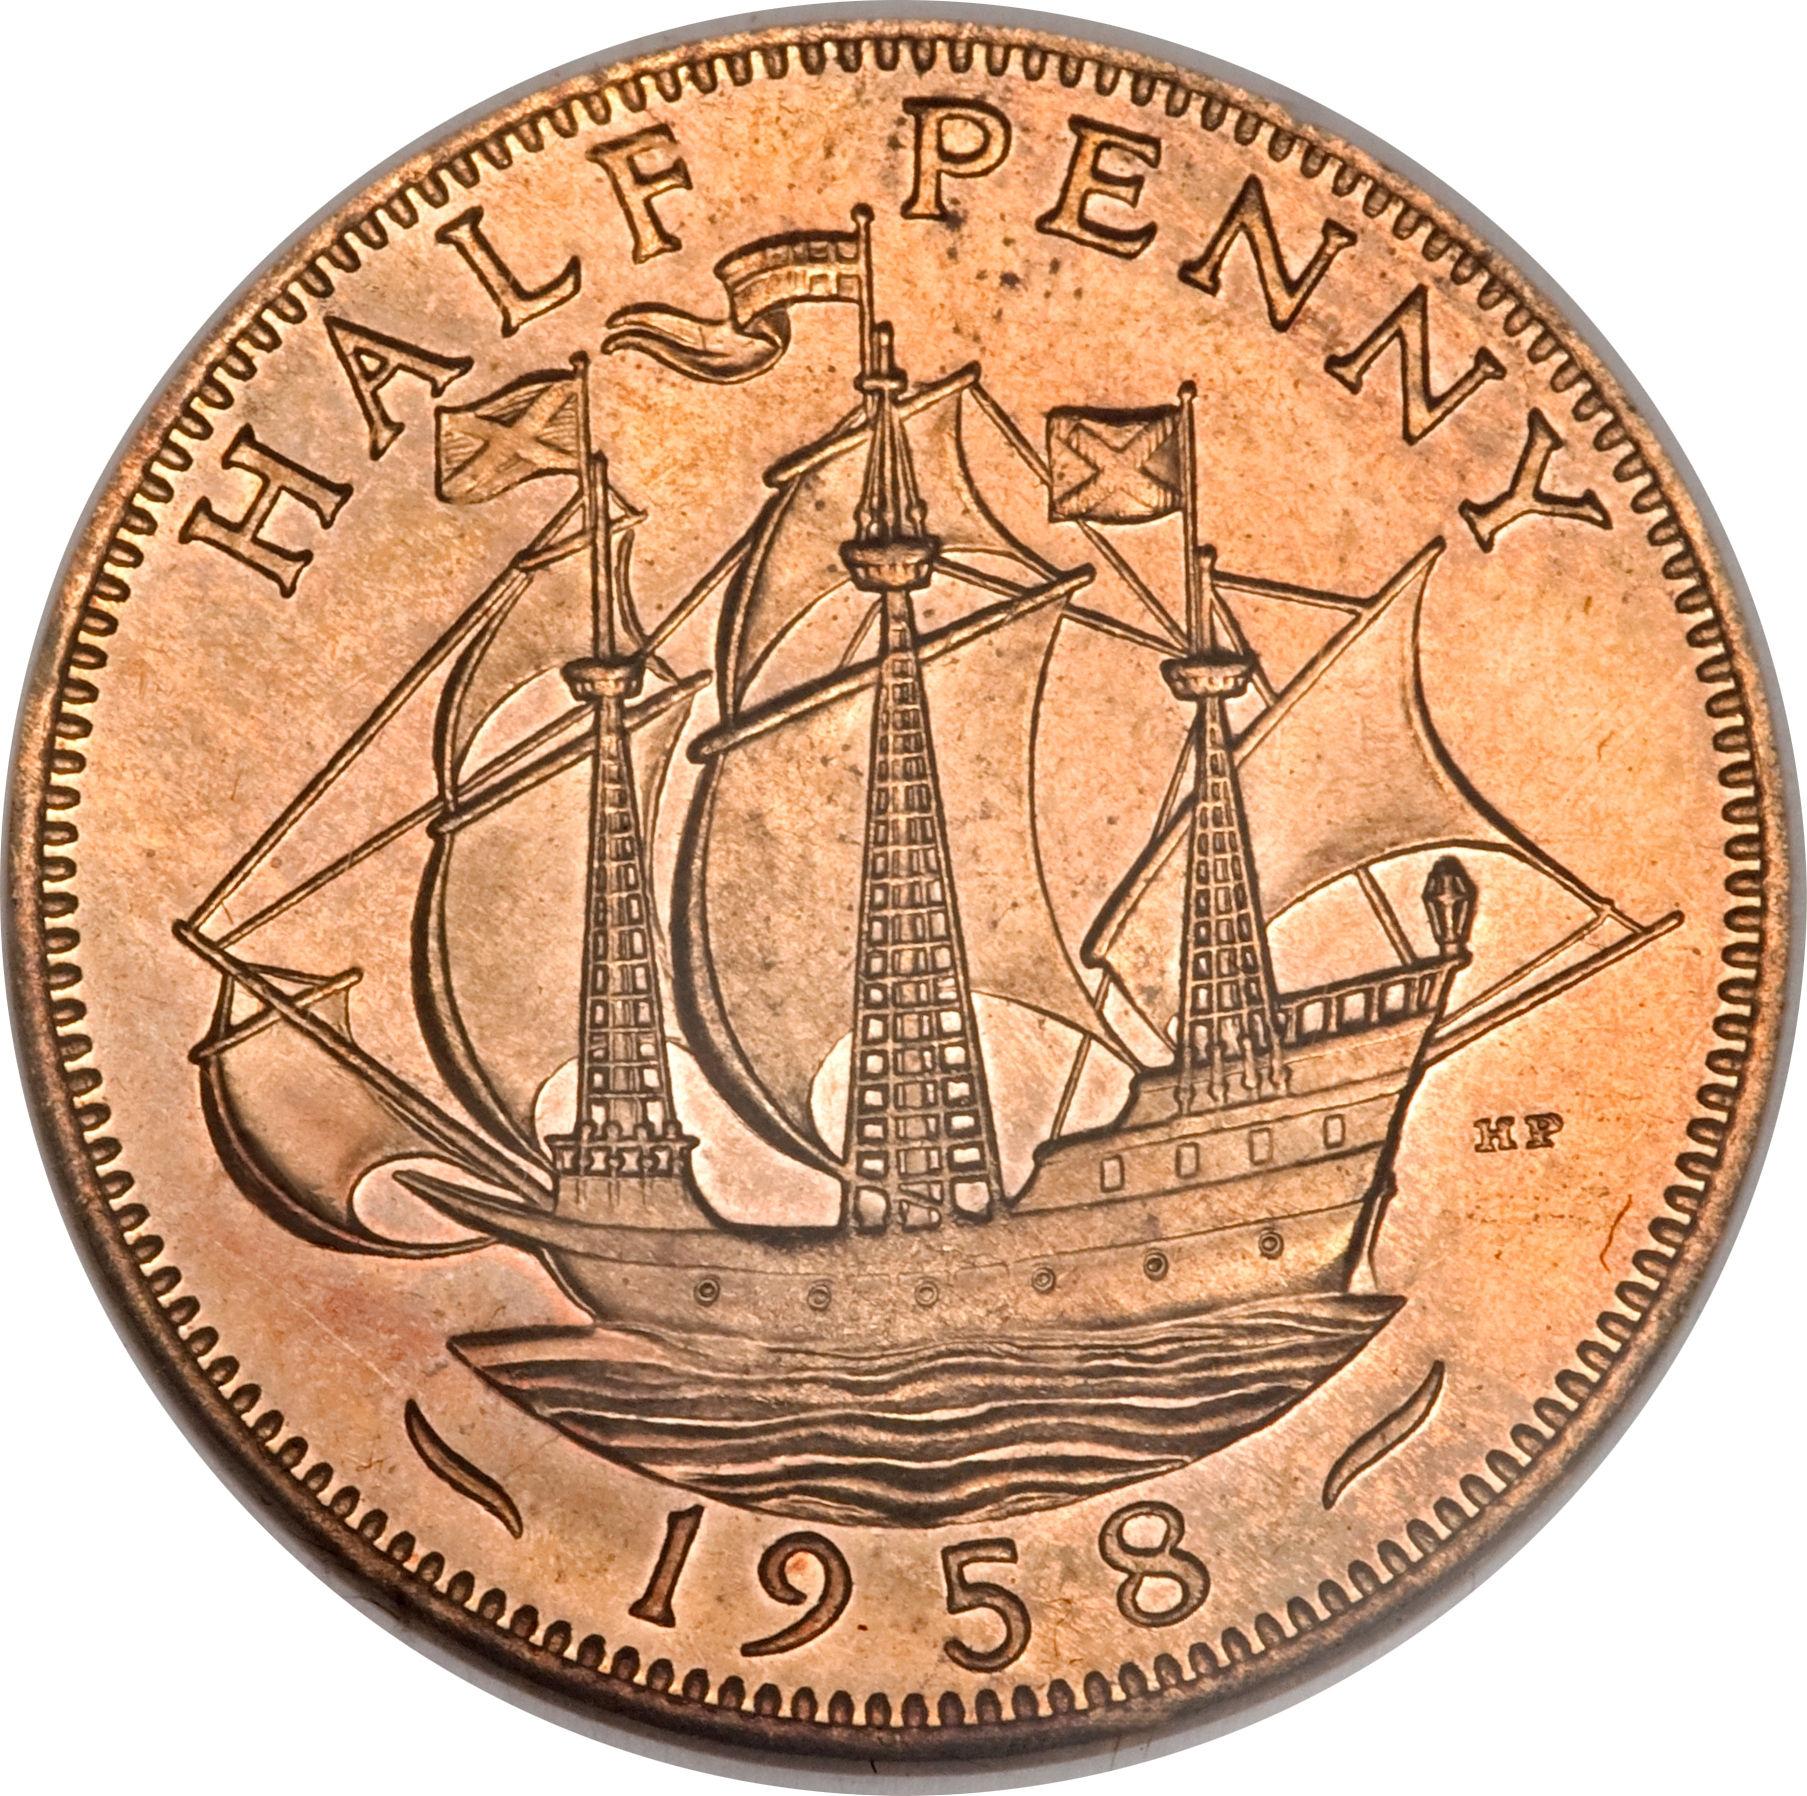 189 Penny Elizabeth Ii 1st Portrait Without Quot Britt Omn